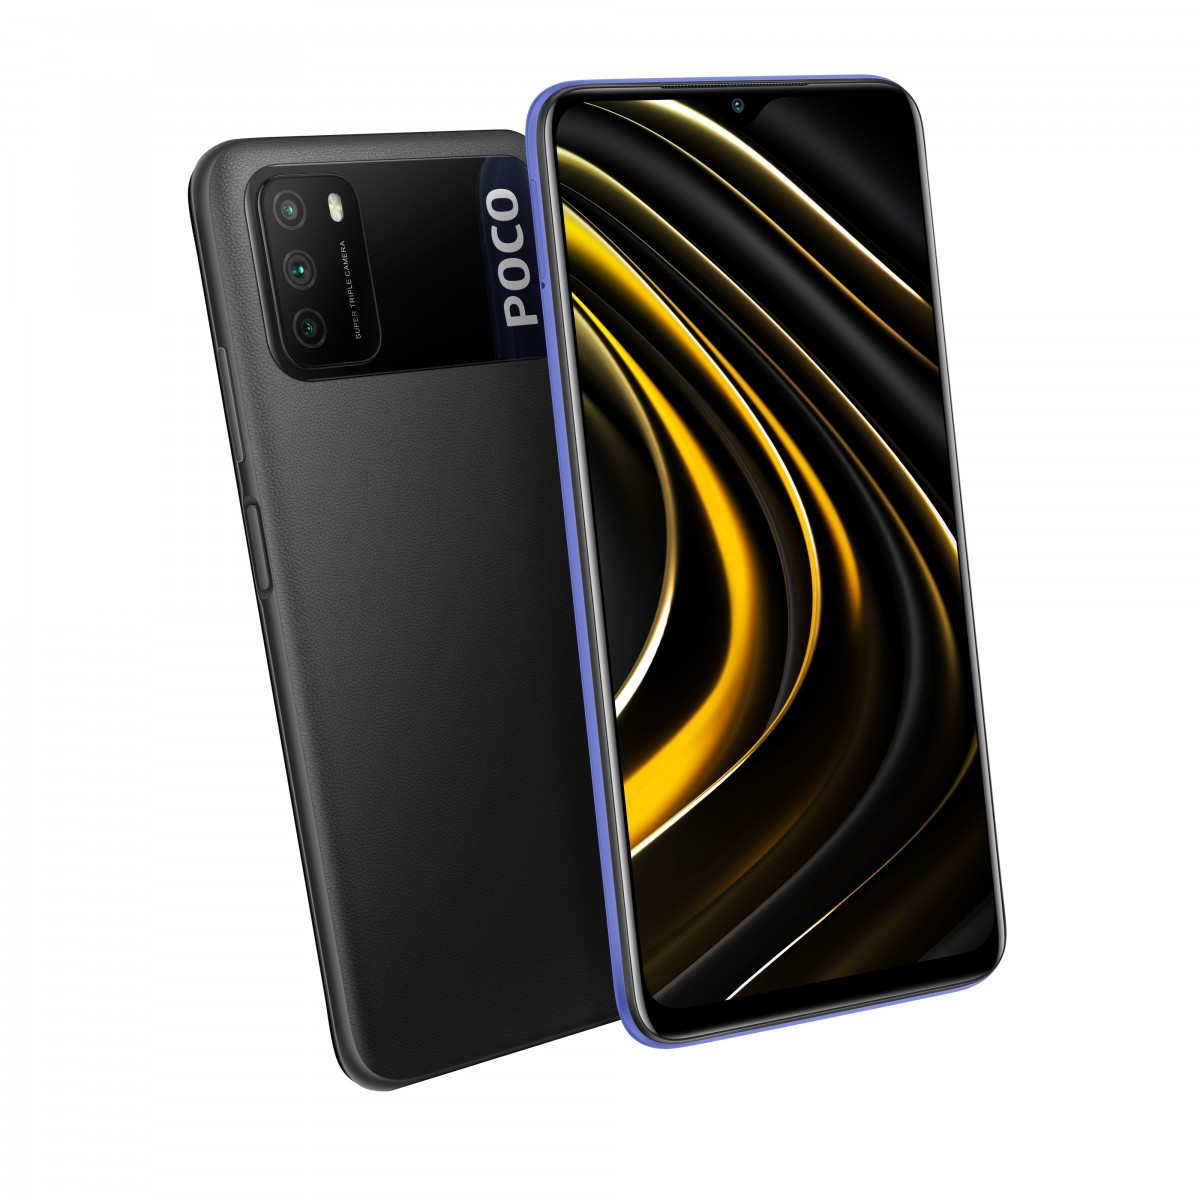 Smartphone-ul cu pret de 149 de dolari, dar cu specificatii impresionante